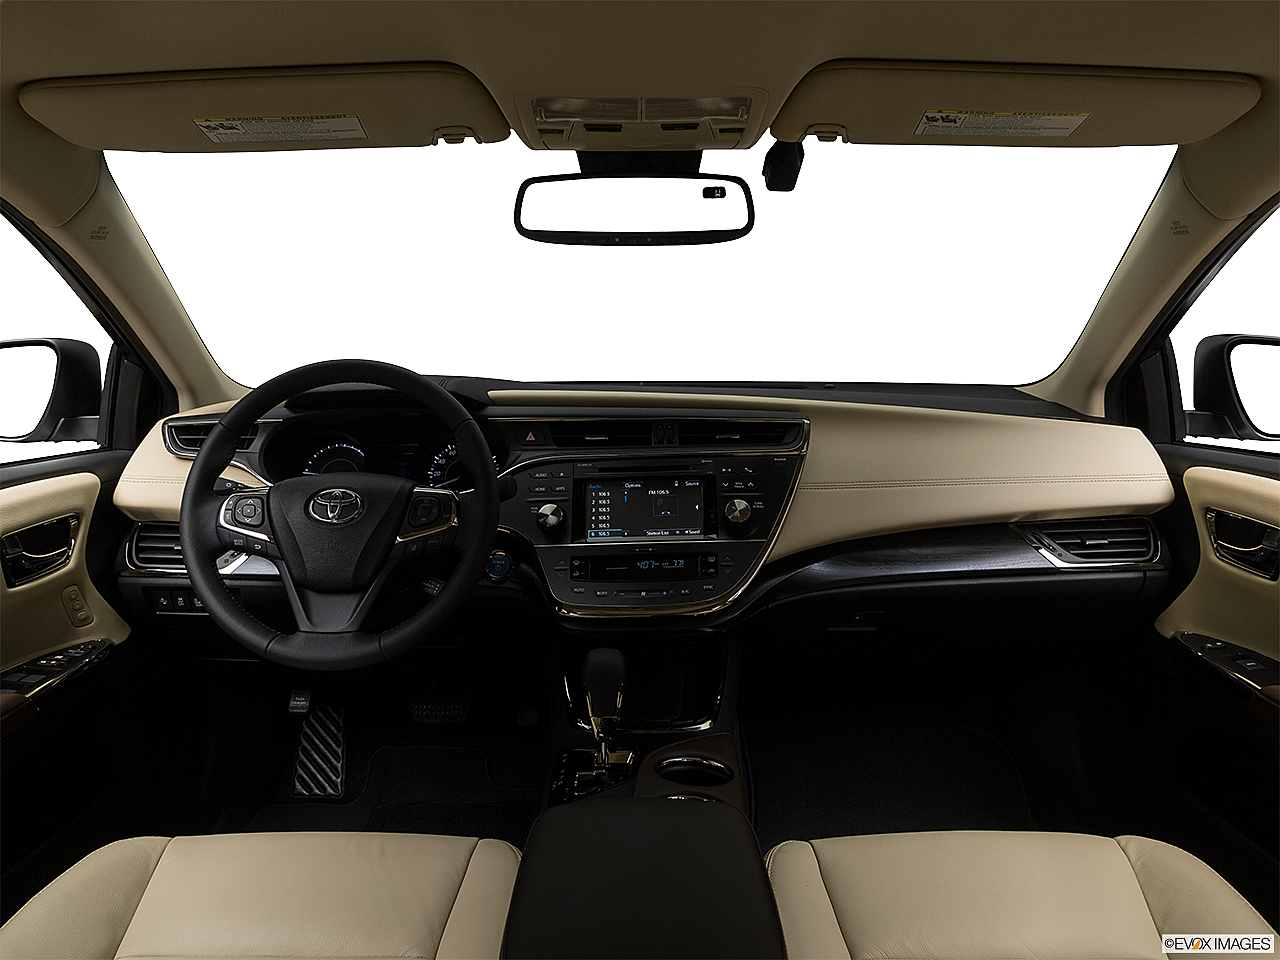 2018 Toyota Avalon Hybrid Xle Premium Centered Wide Dash Shot